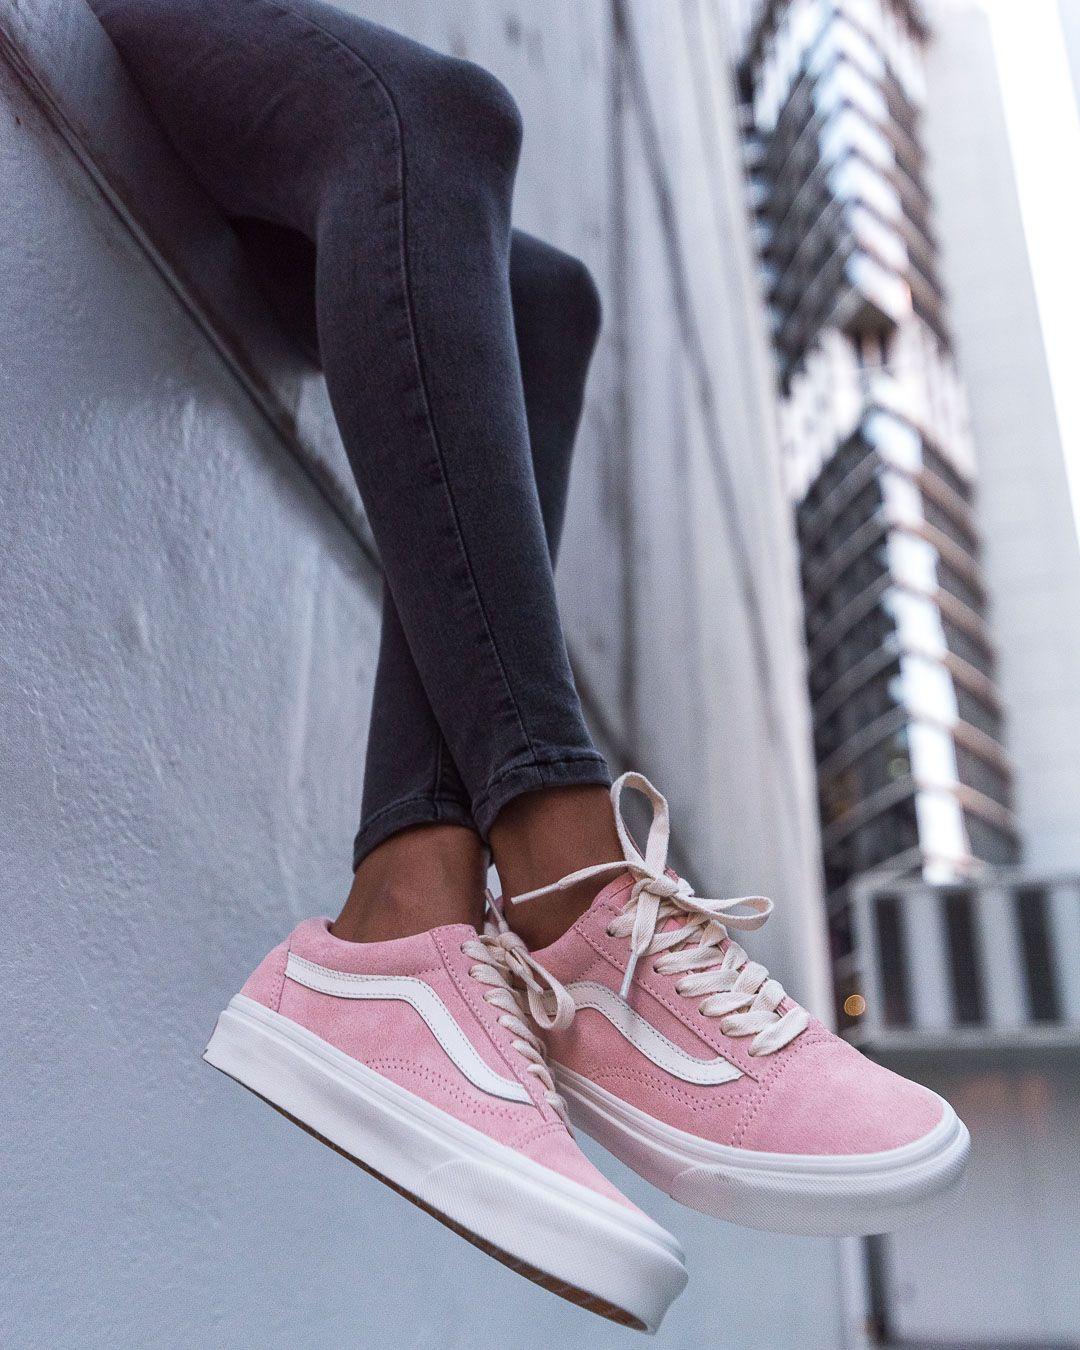 Sneakers of the Month: Vans Old Skool | Vans old skool, Pink